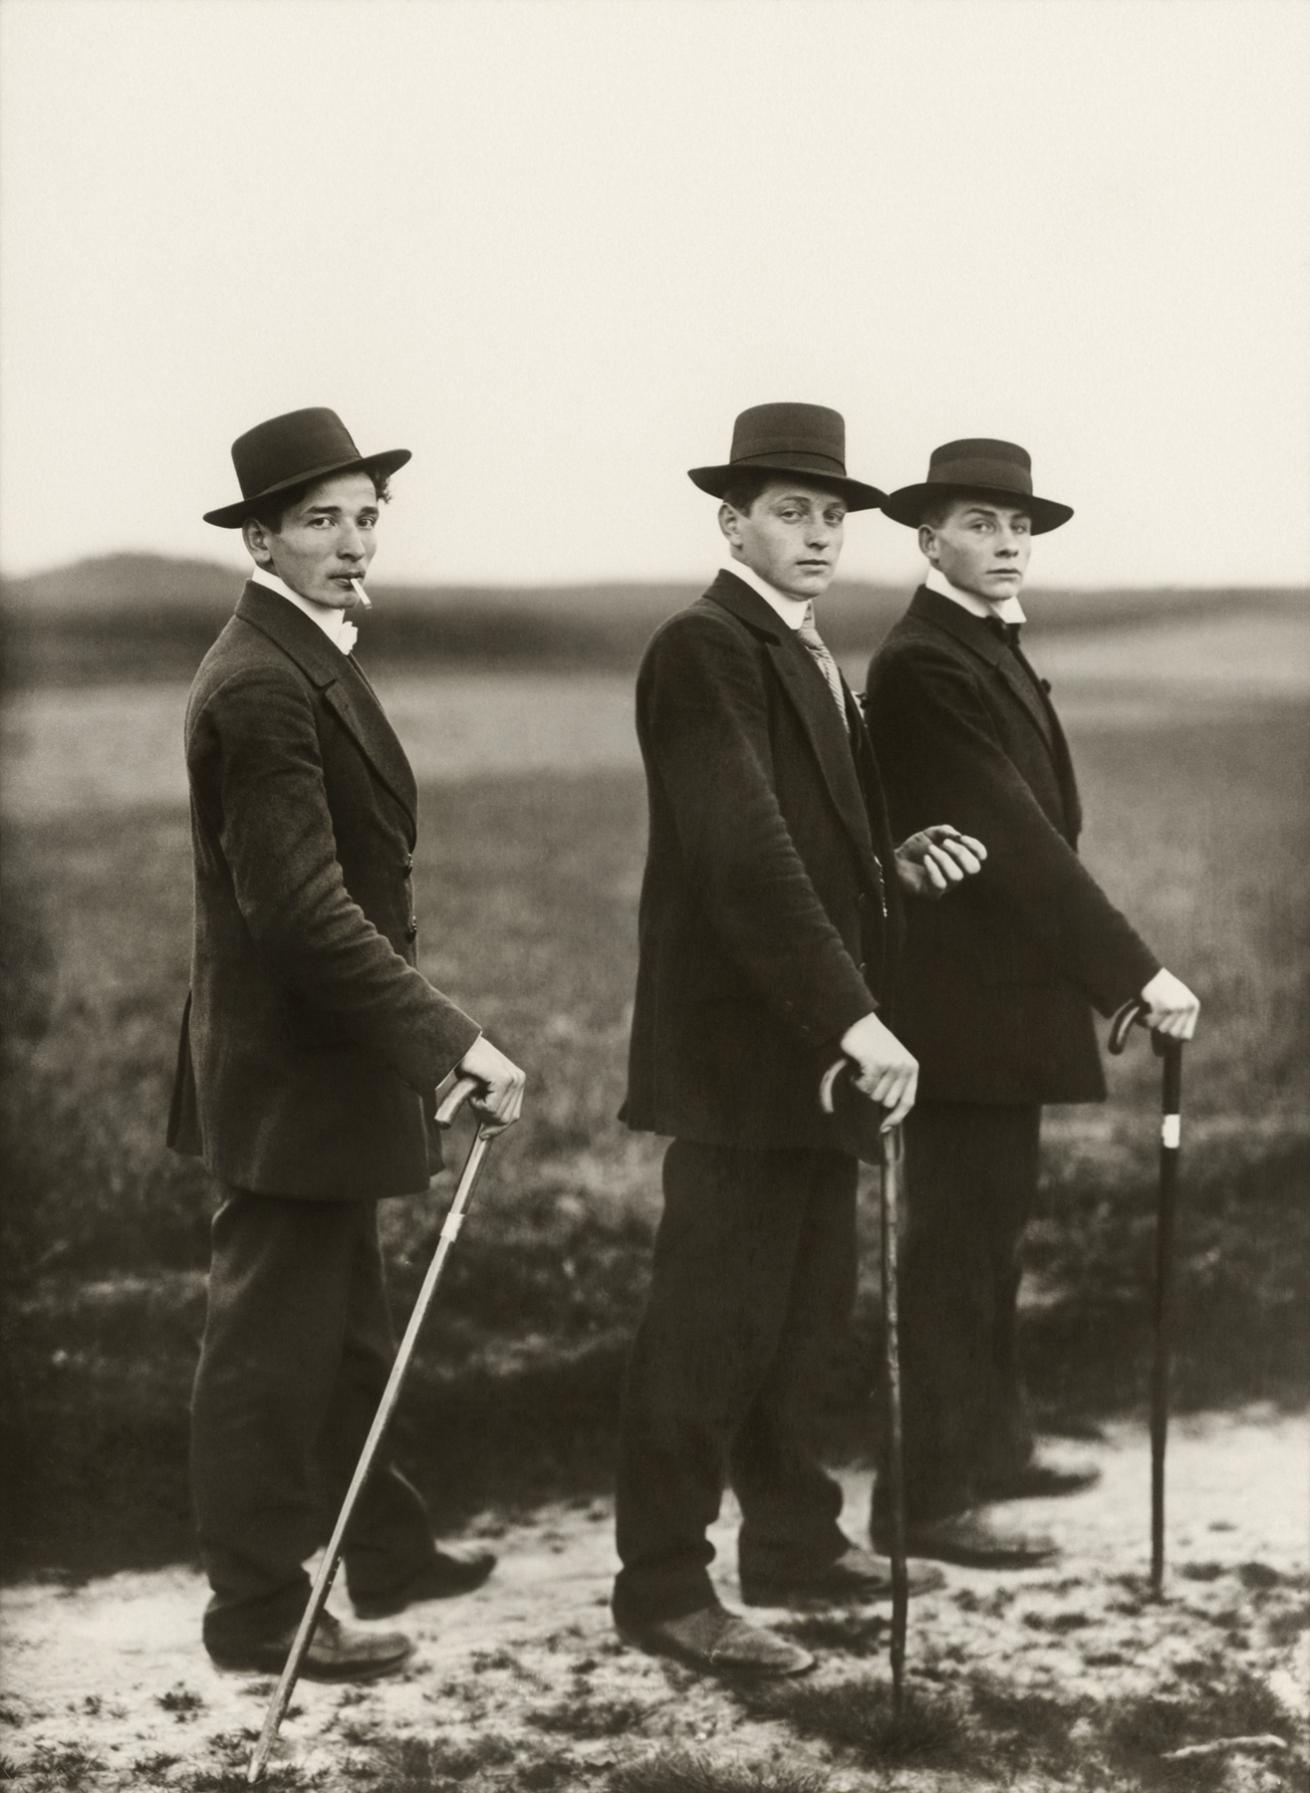 Fotó: August Sander <br />Young Farmers<br />1914<br />Gelatin silver print<br />© Die Photographische Sammlung/SK Stiftung Kultur – August Sander Archiv; VG Bild-Kunst, 2018